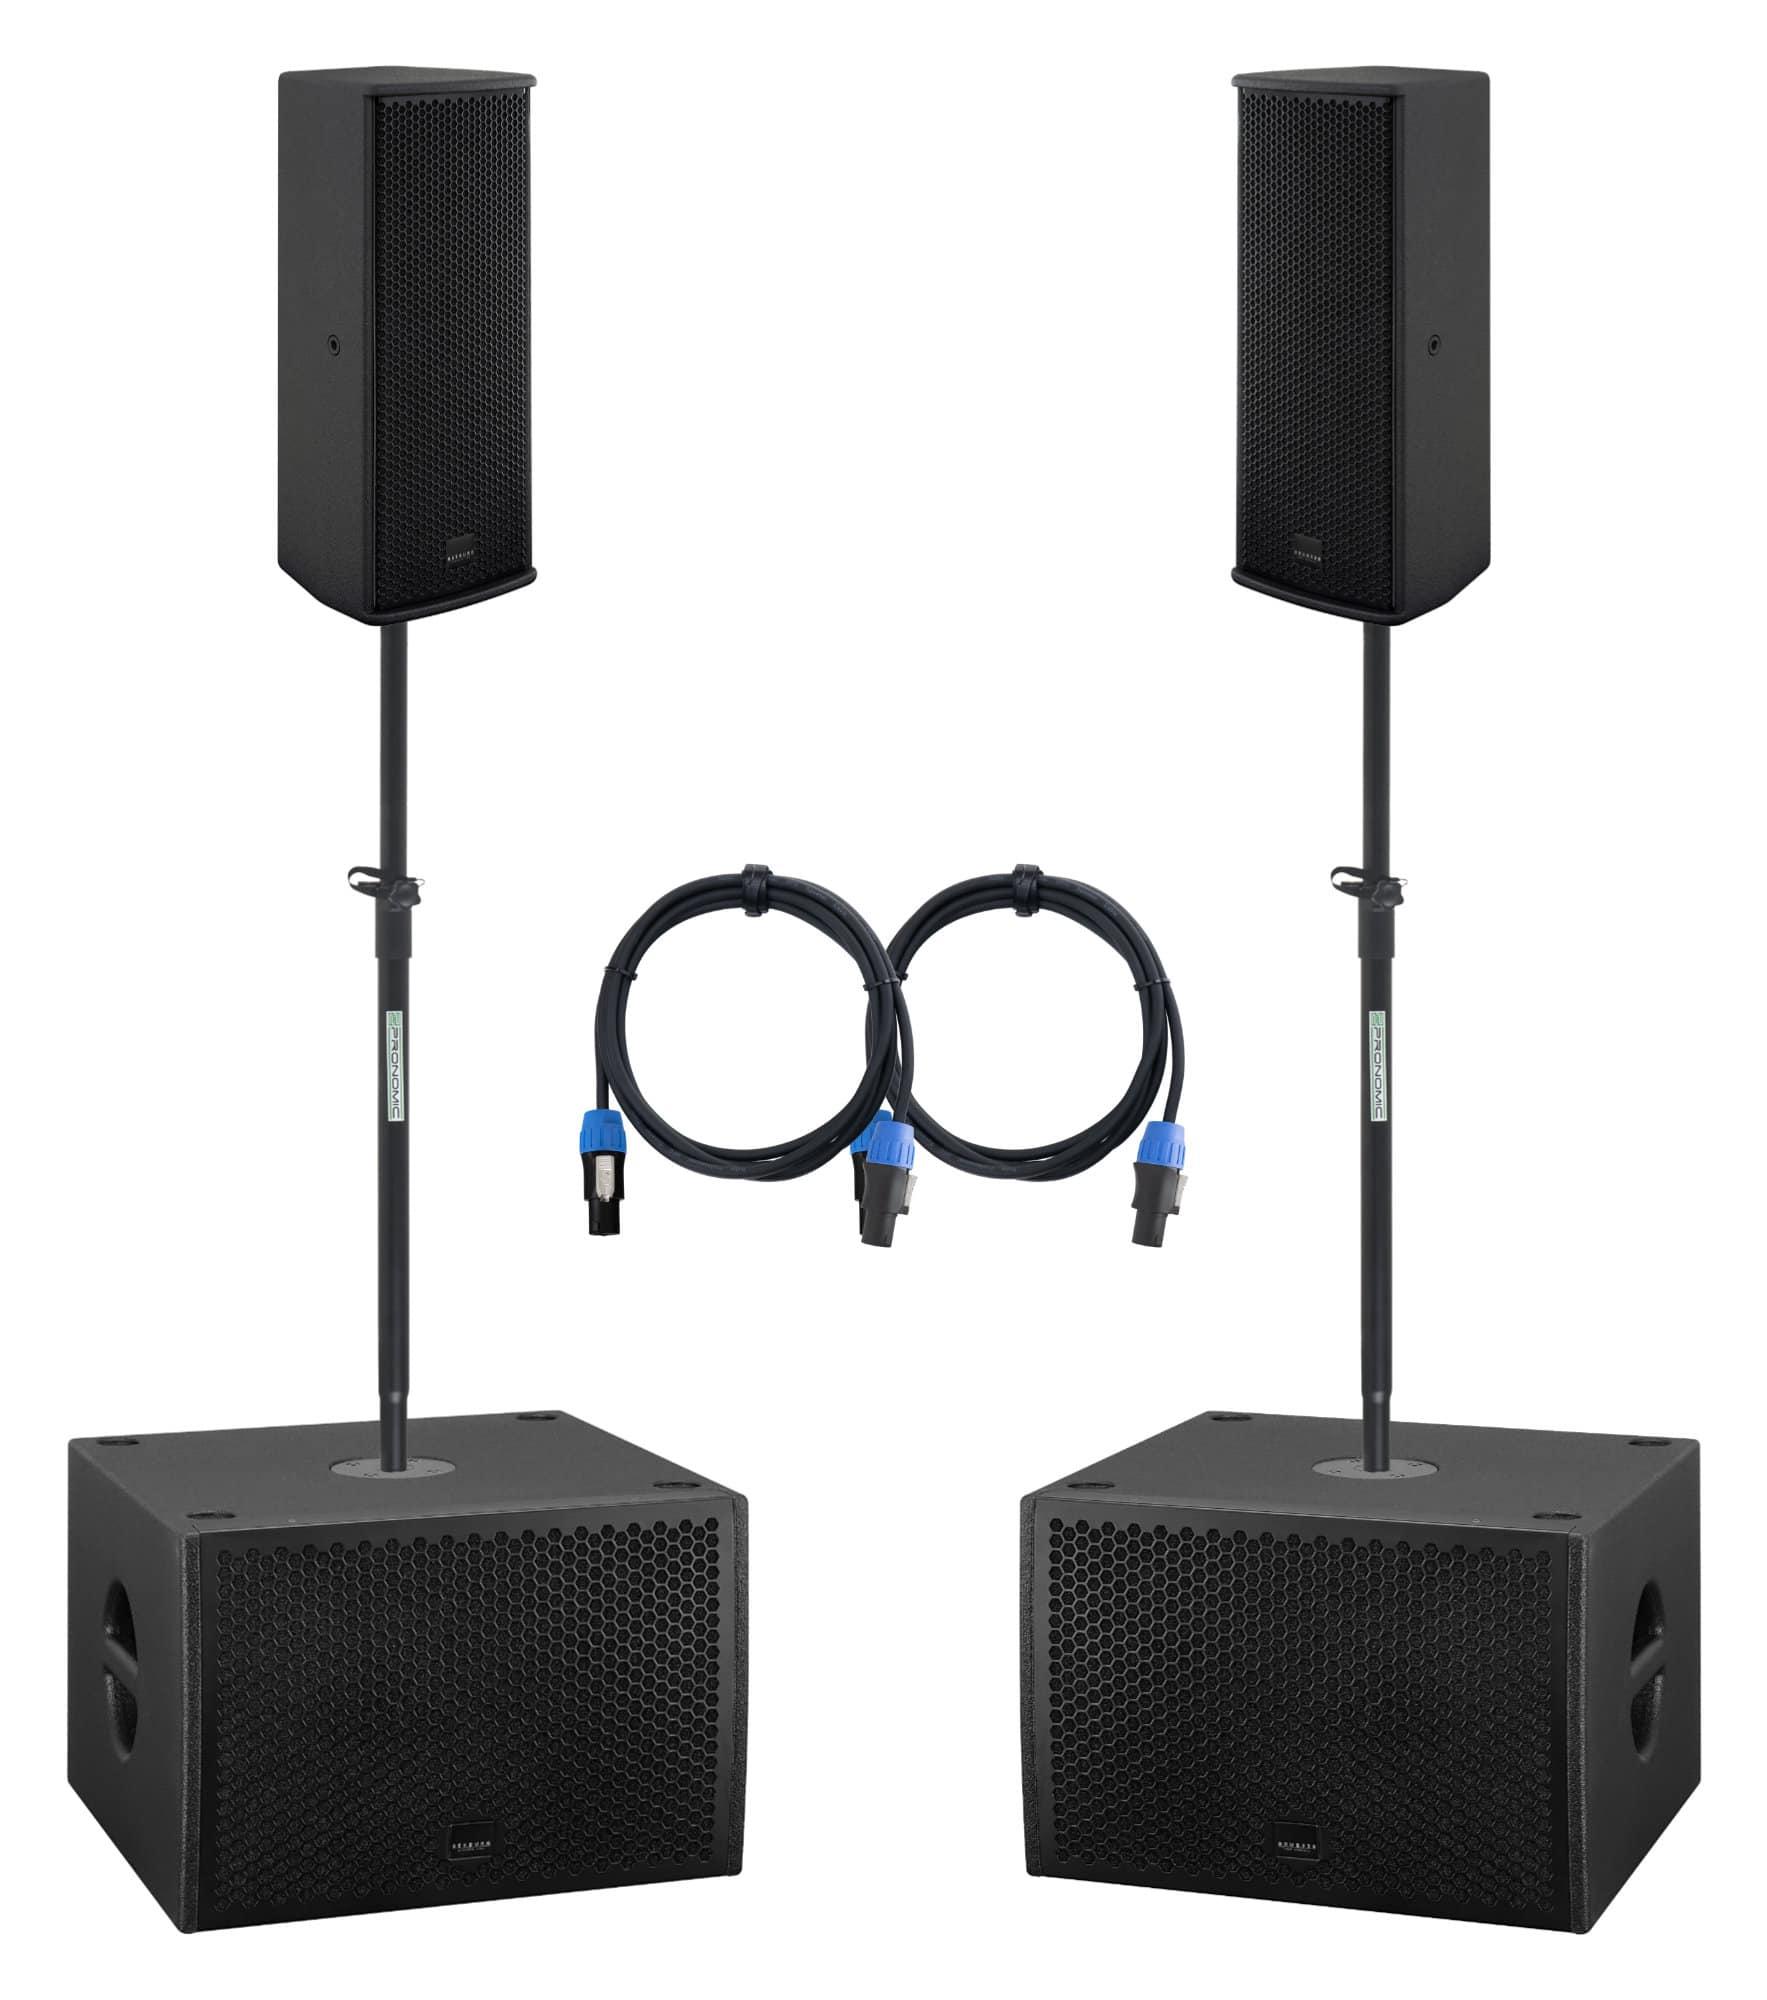 Boxenkomplettanlagen - Seeburg A2|G Sub 1201dp Stereo Set - Onlineshop Musikhaus Kirstein